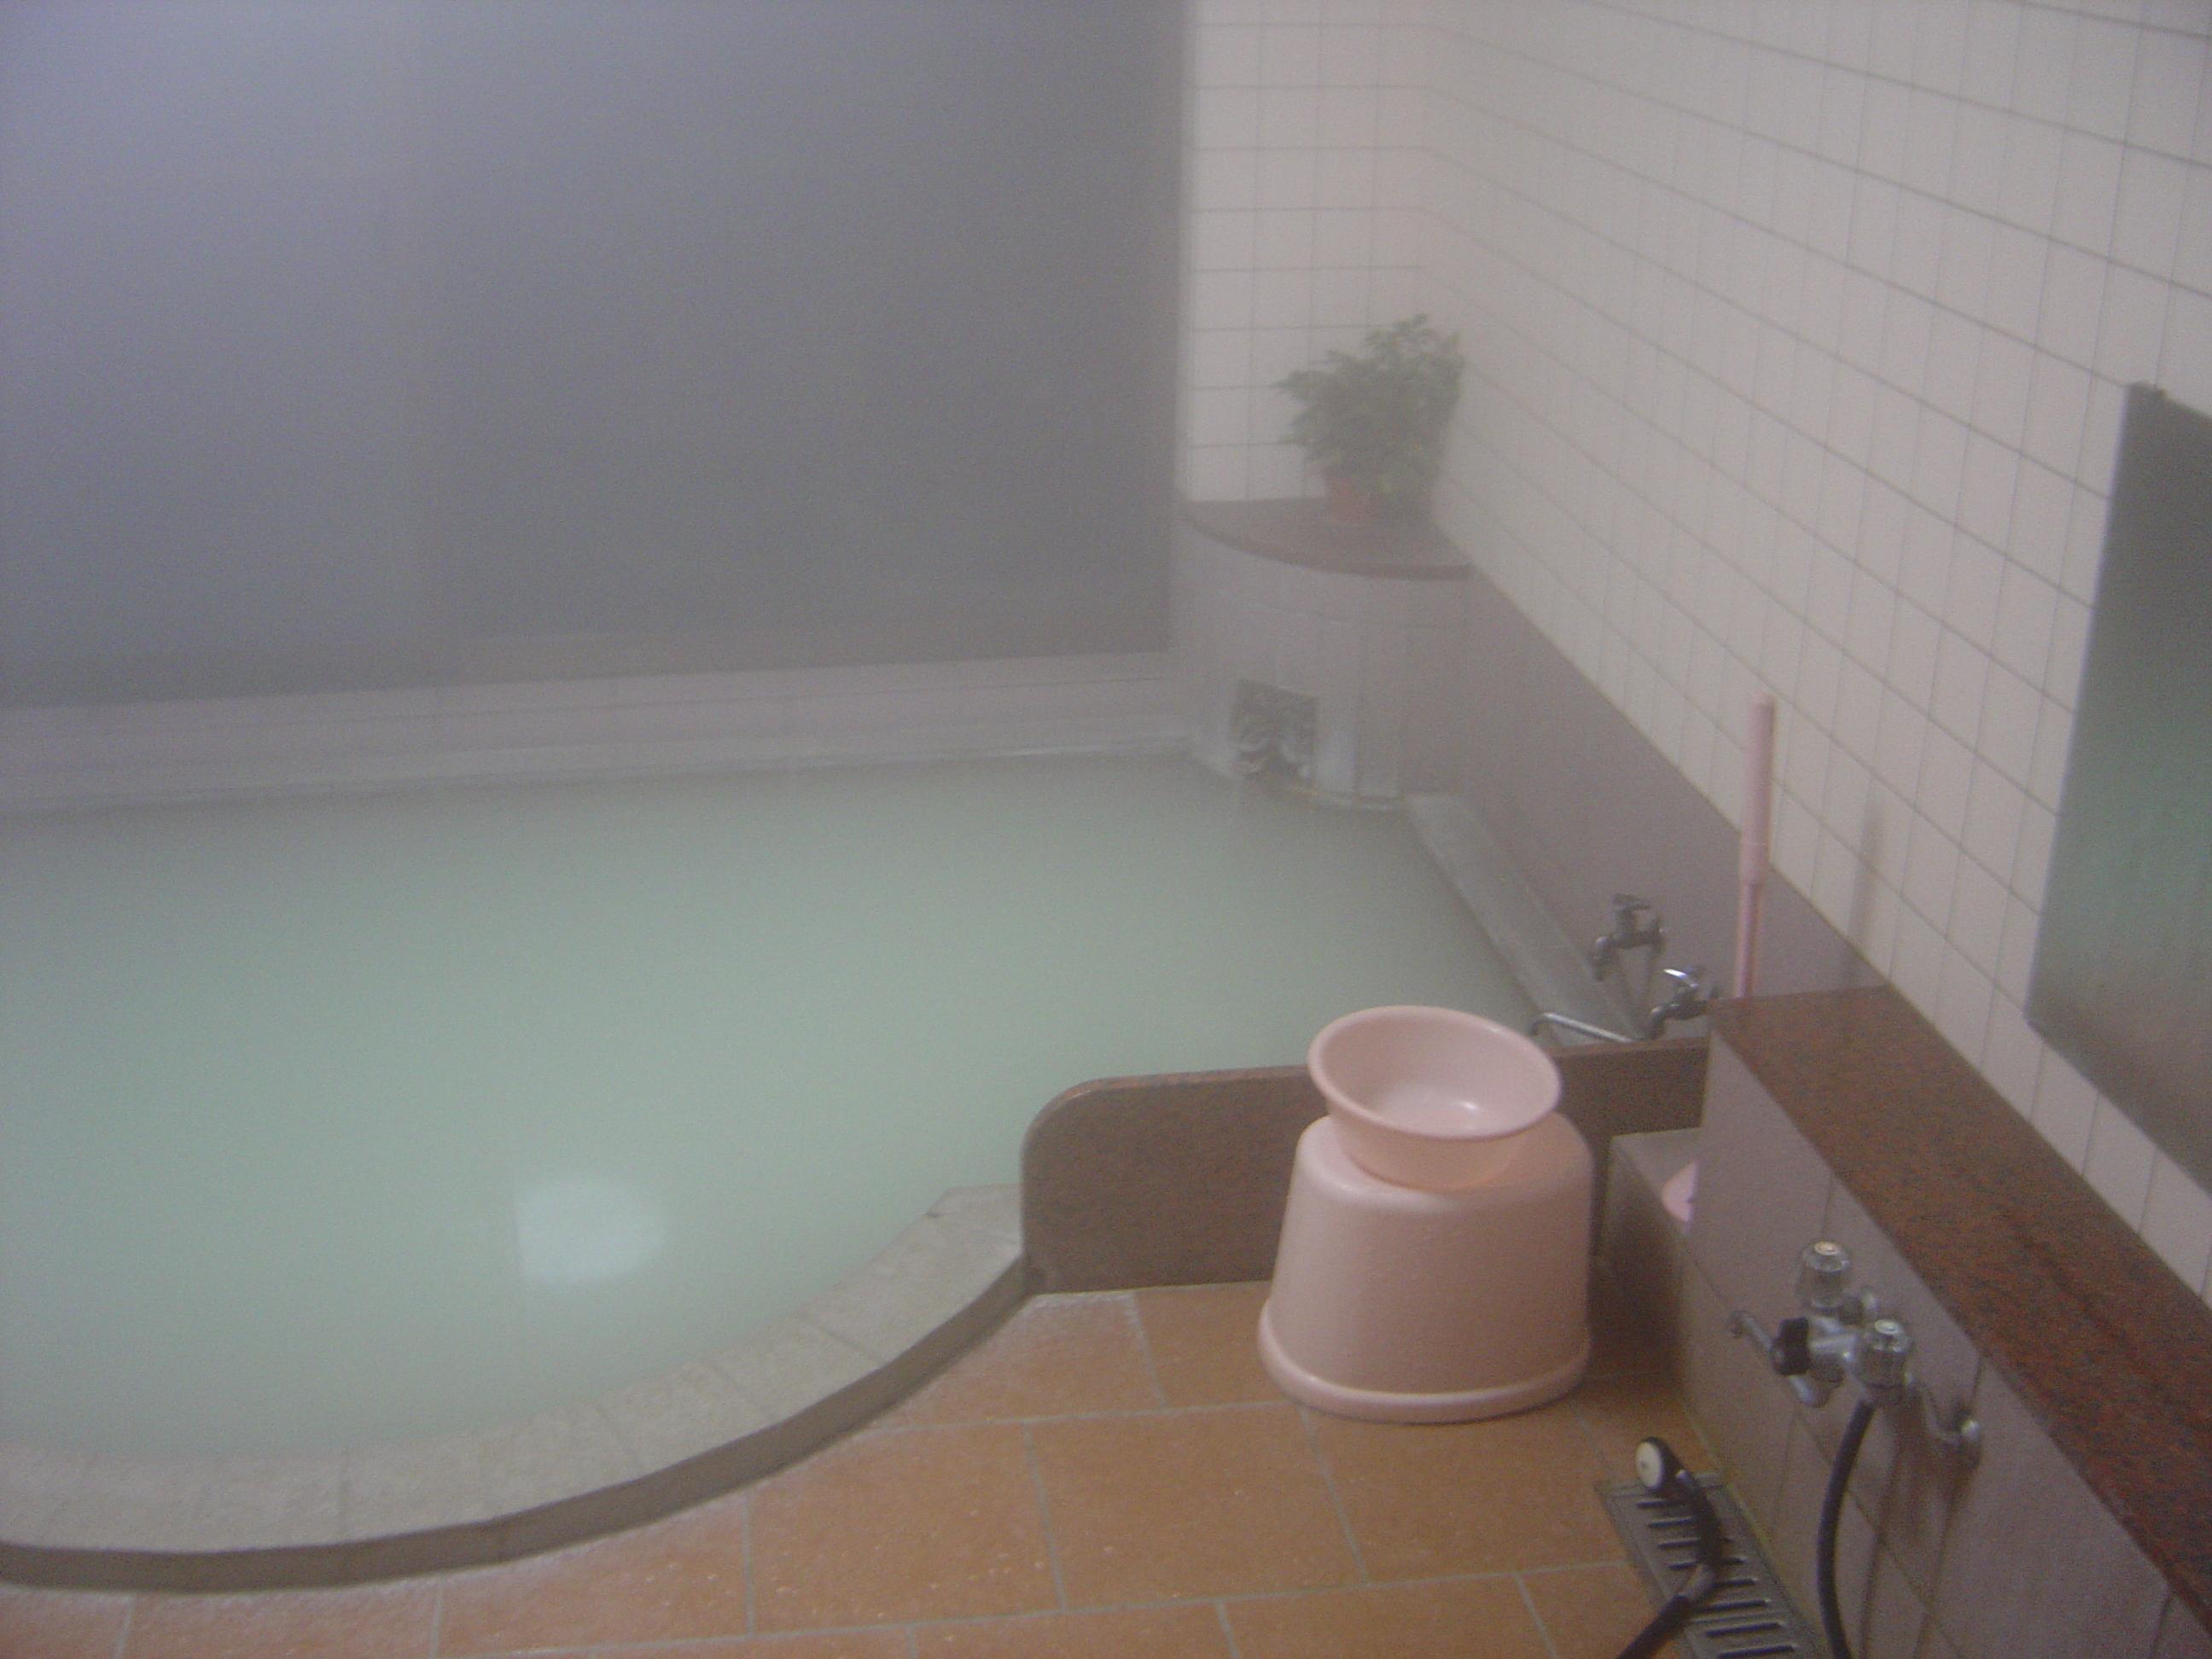 File:Japanese bath dsc05385.jpg - Wikimedia Commons